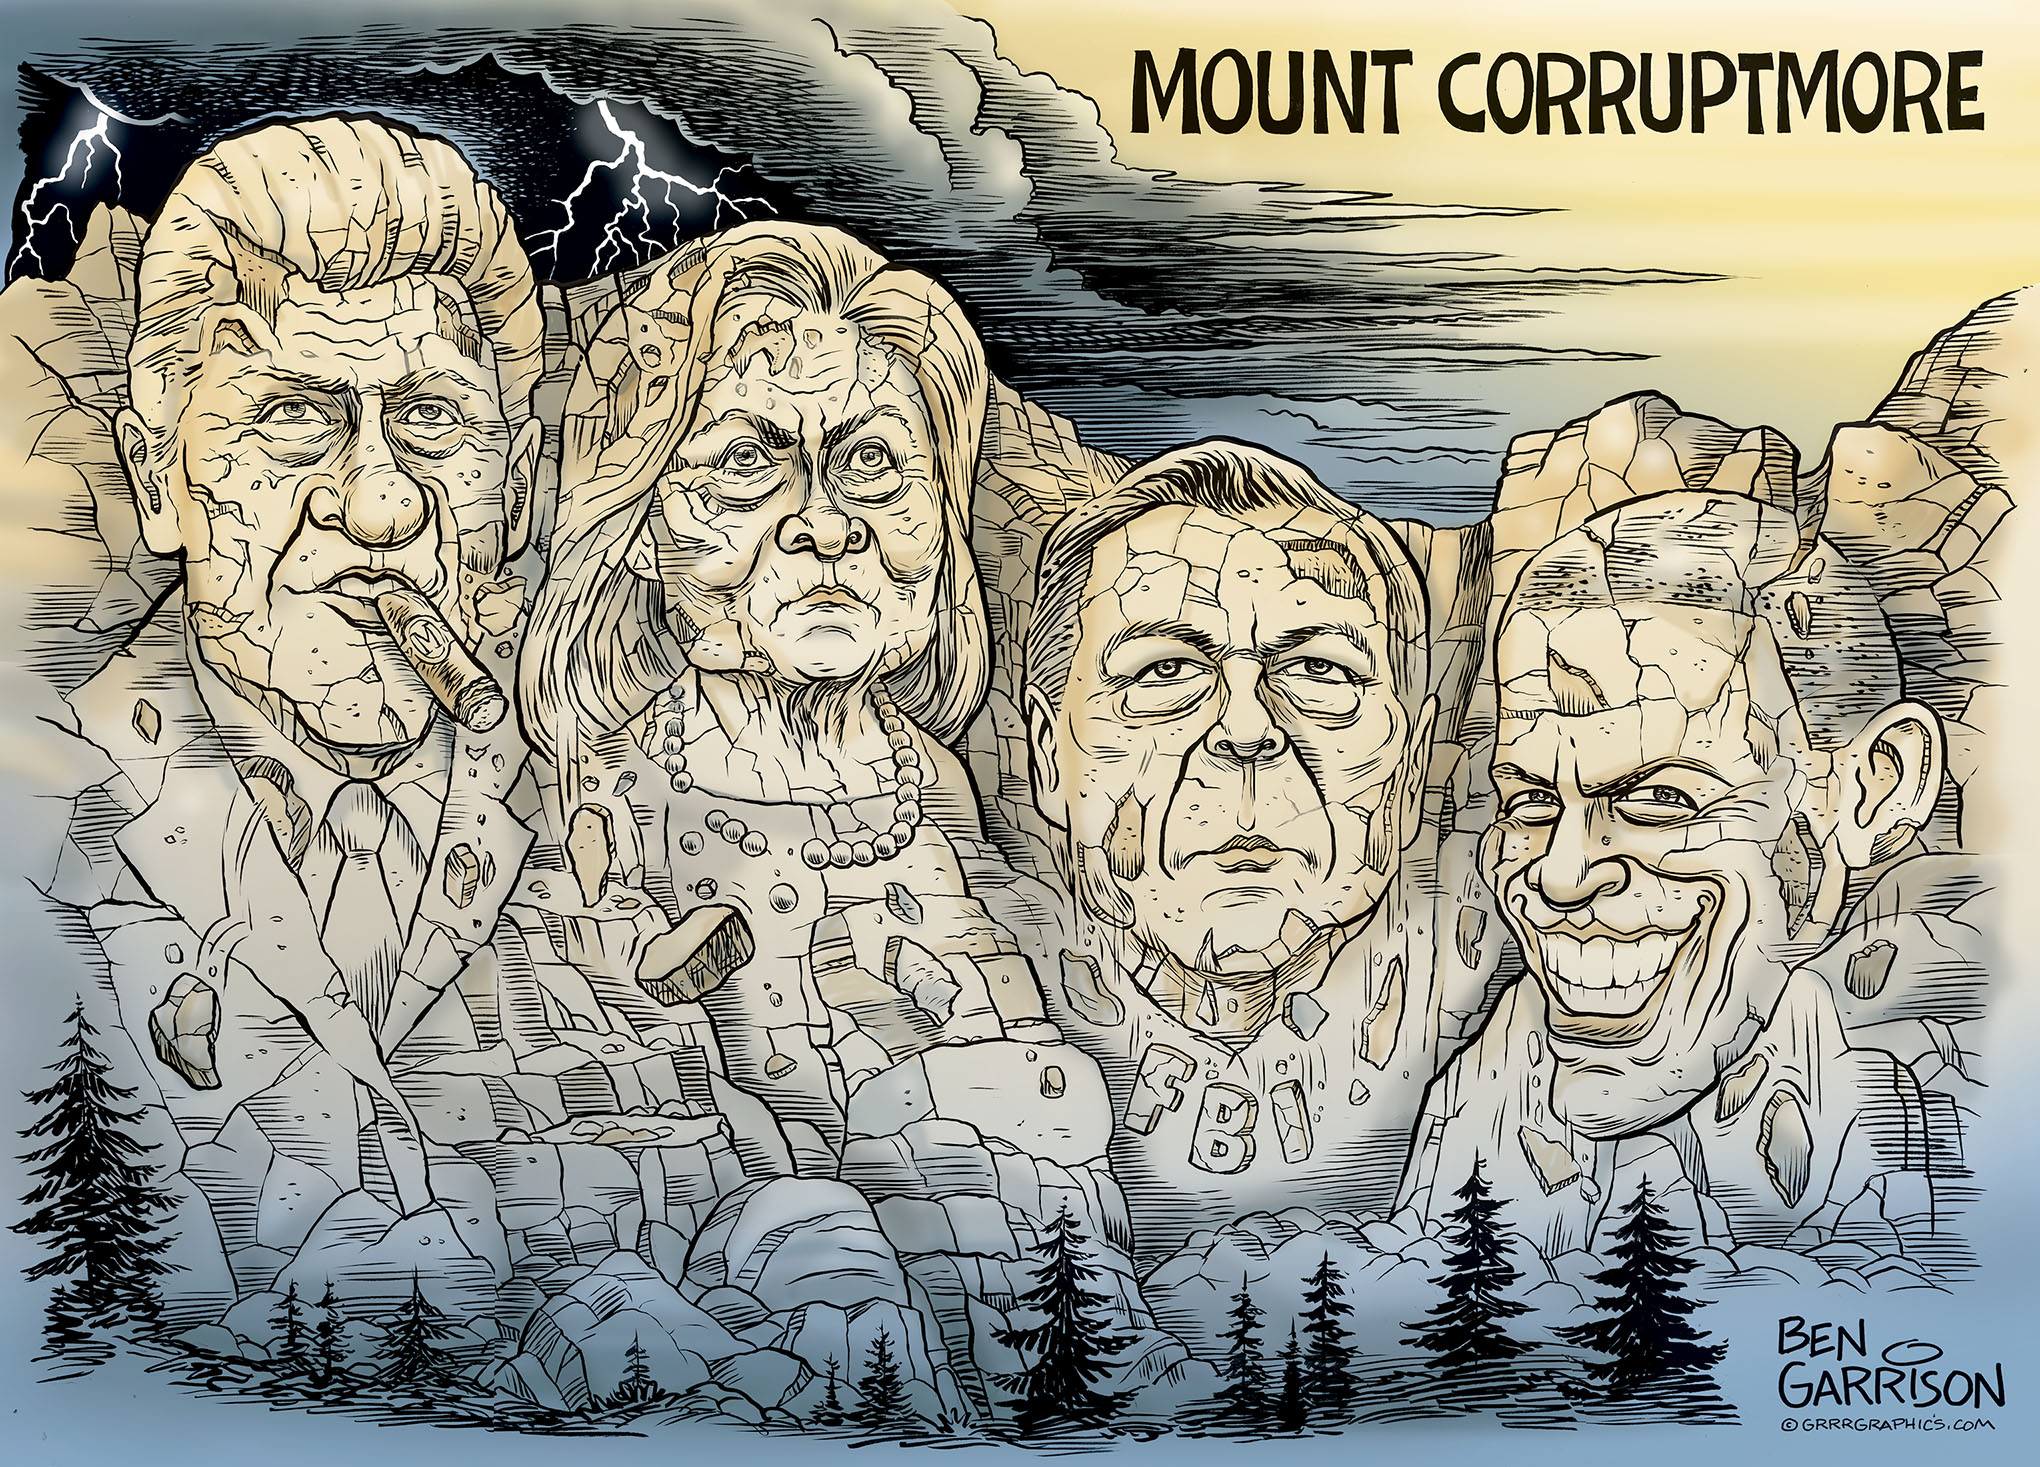 Amendment Cartoon Political 15th